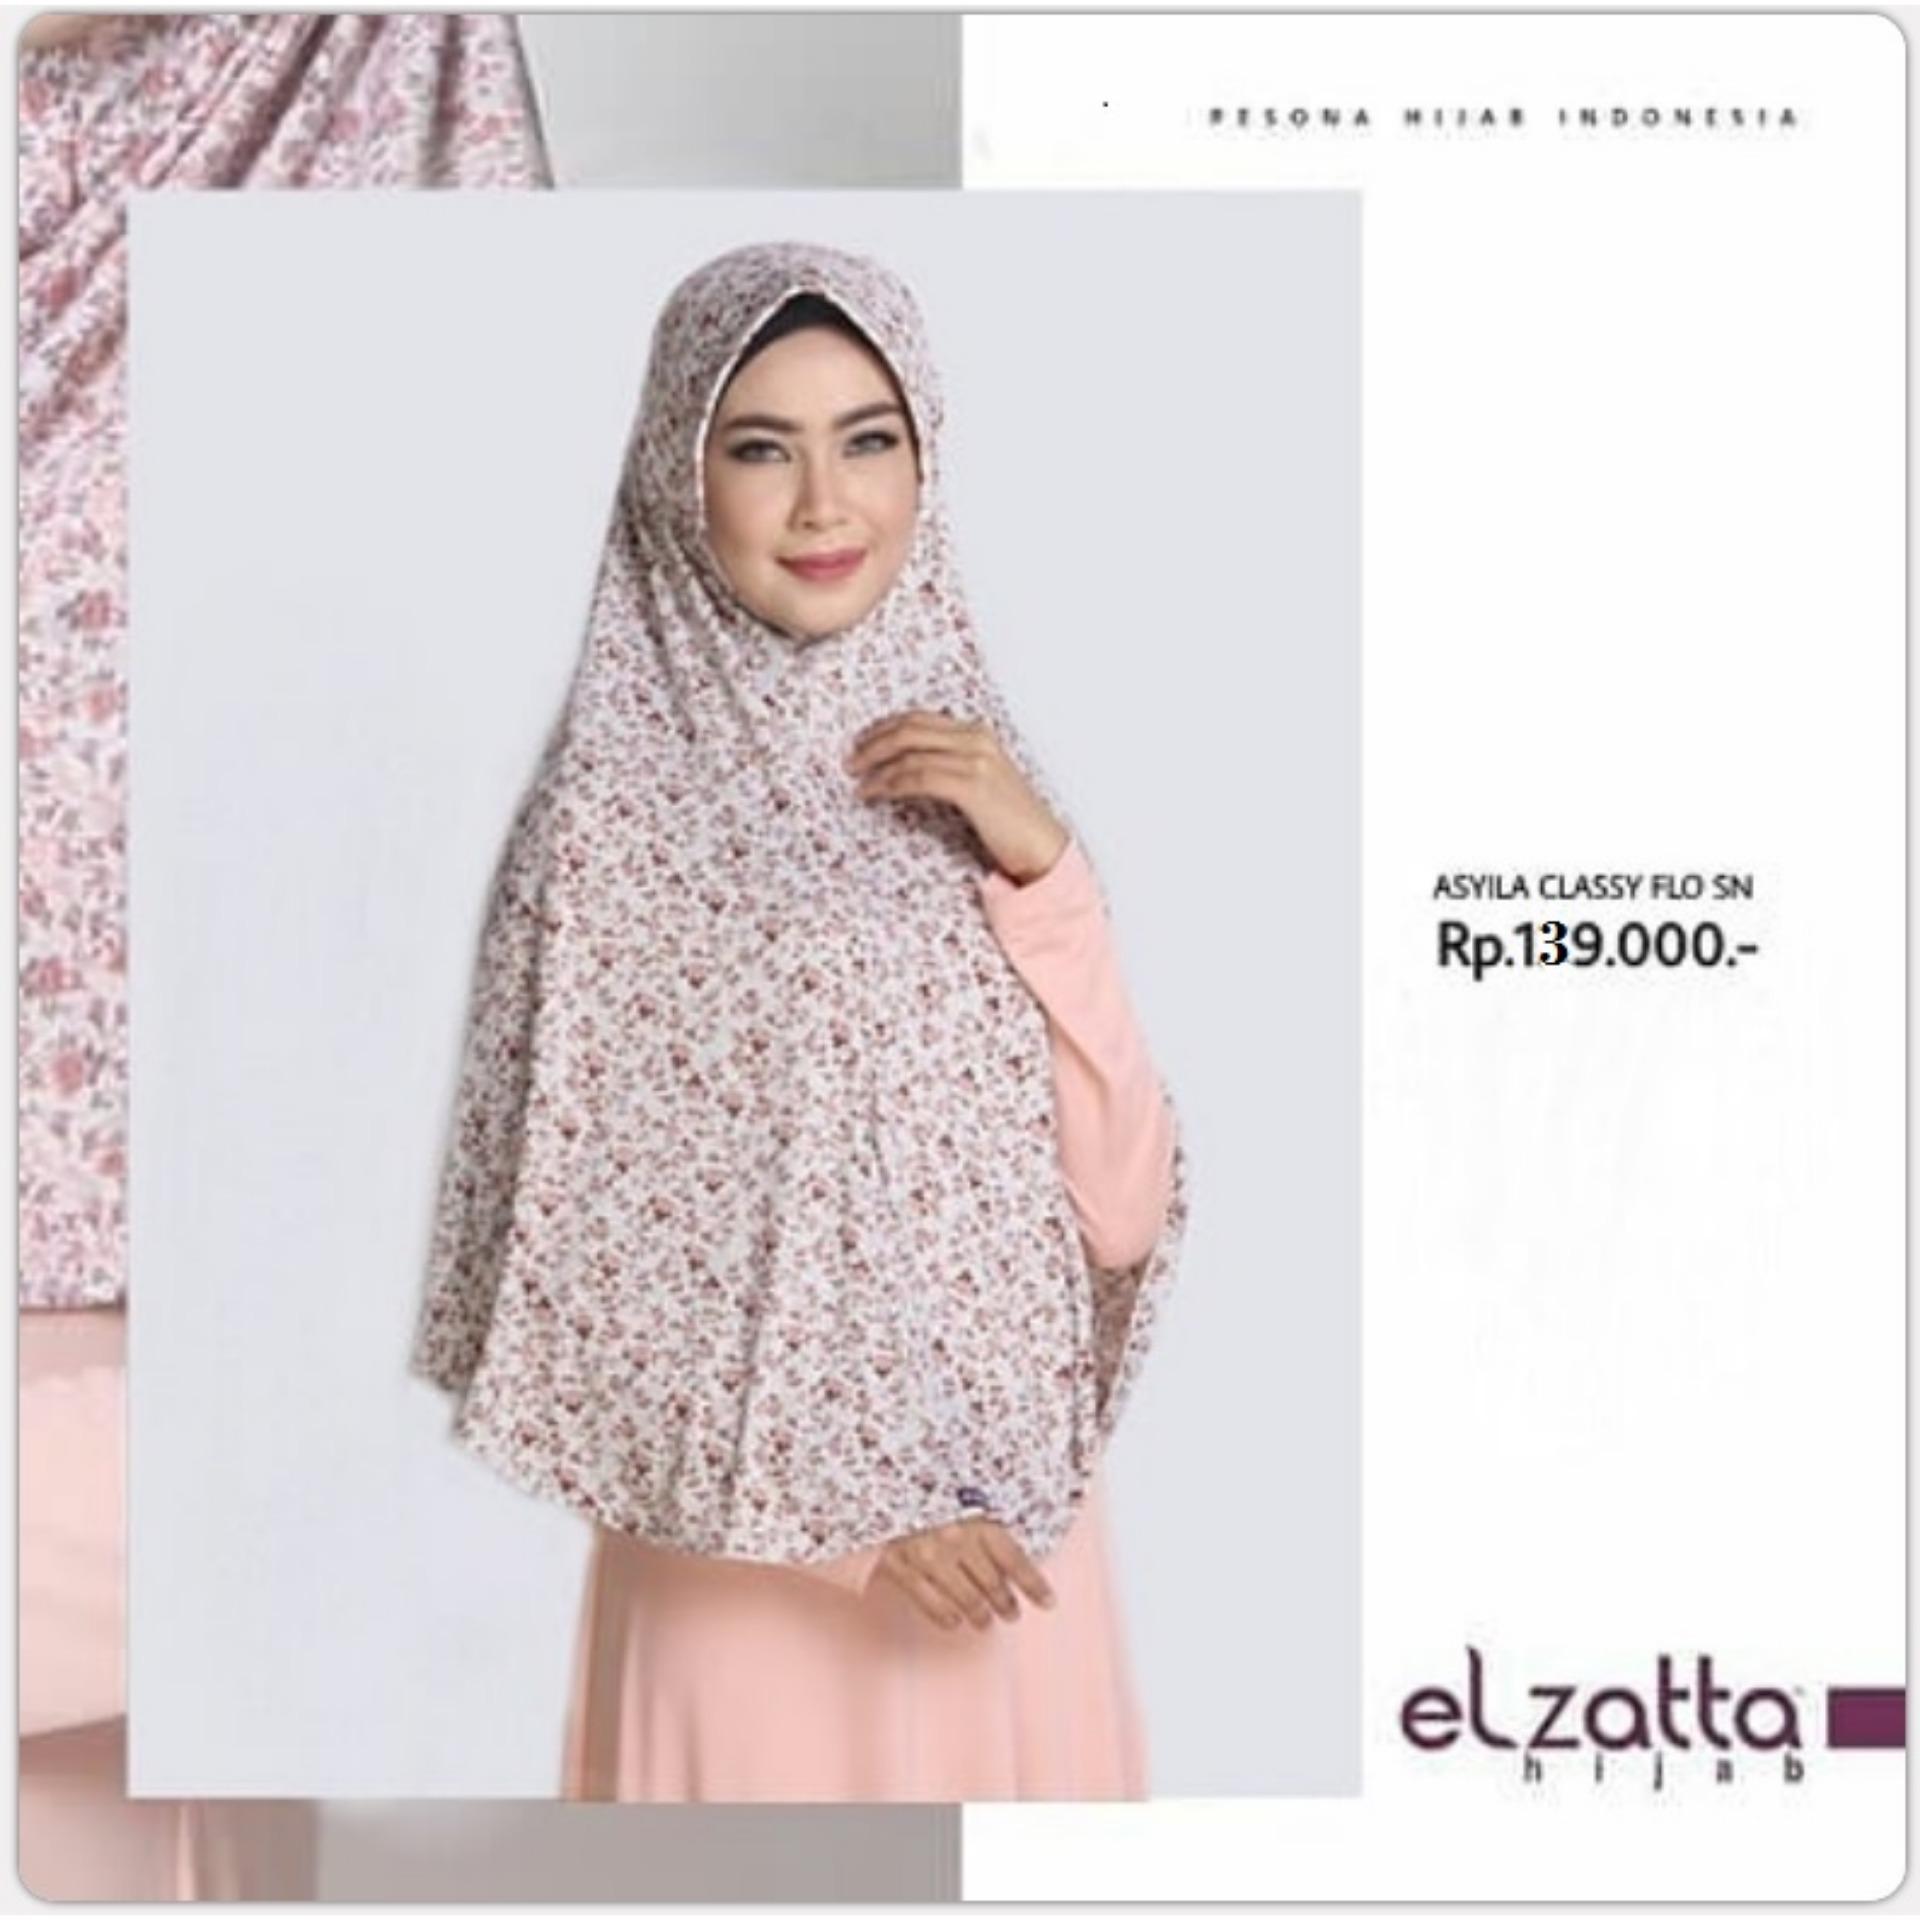 Asyila Classy Flo SN Jilbab Elzatta Hijab Syari